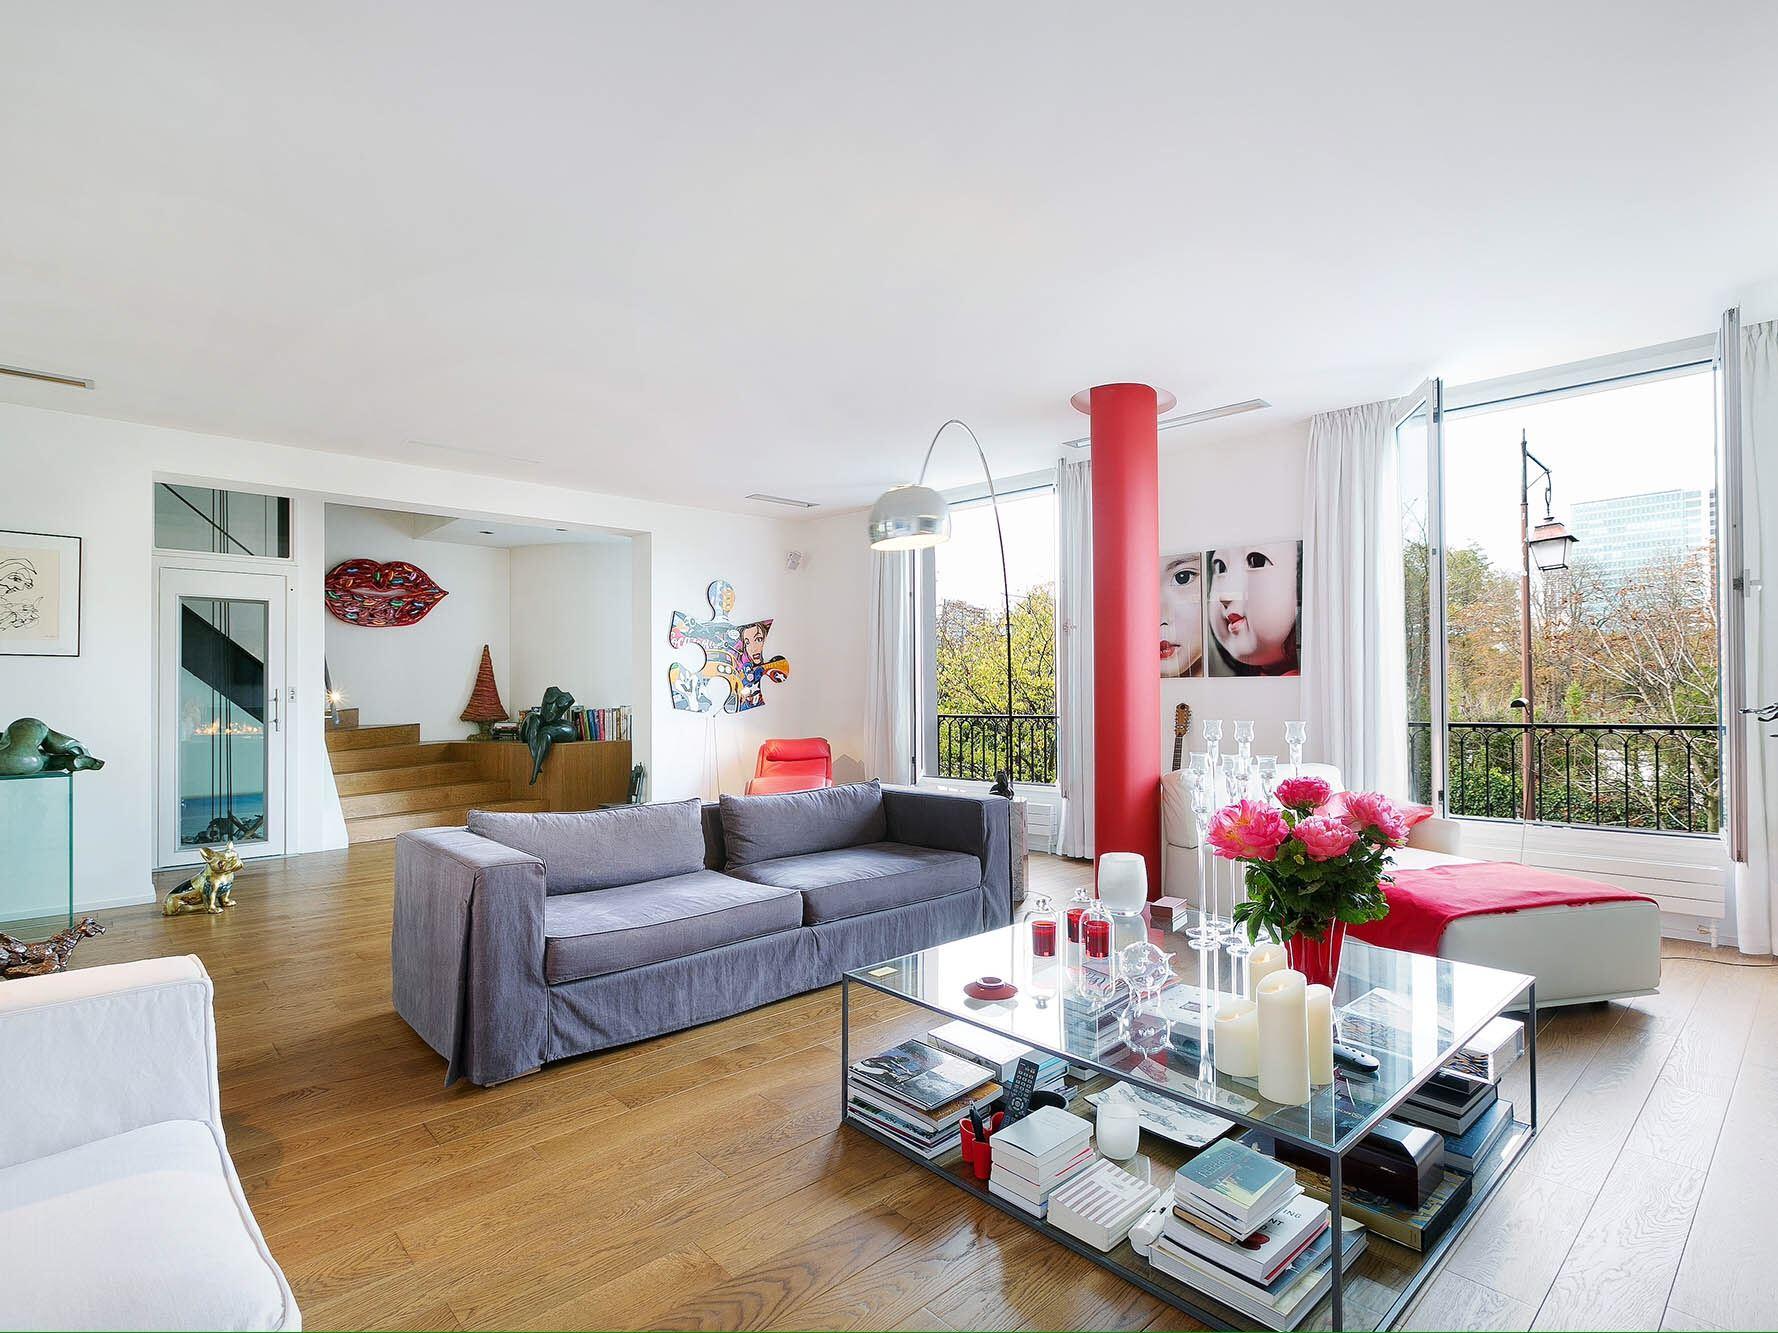 Propiedad en venta Neuilly Sur Seine